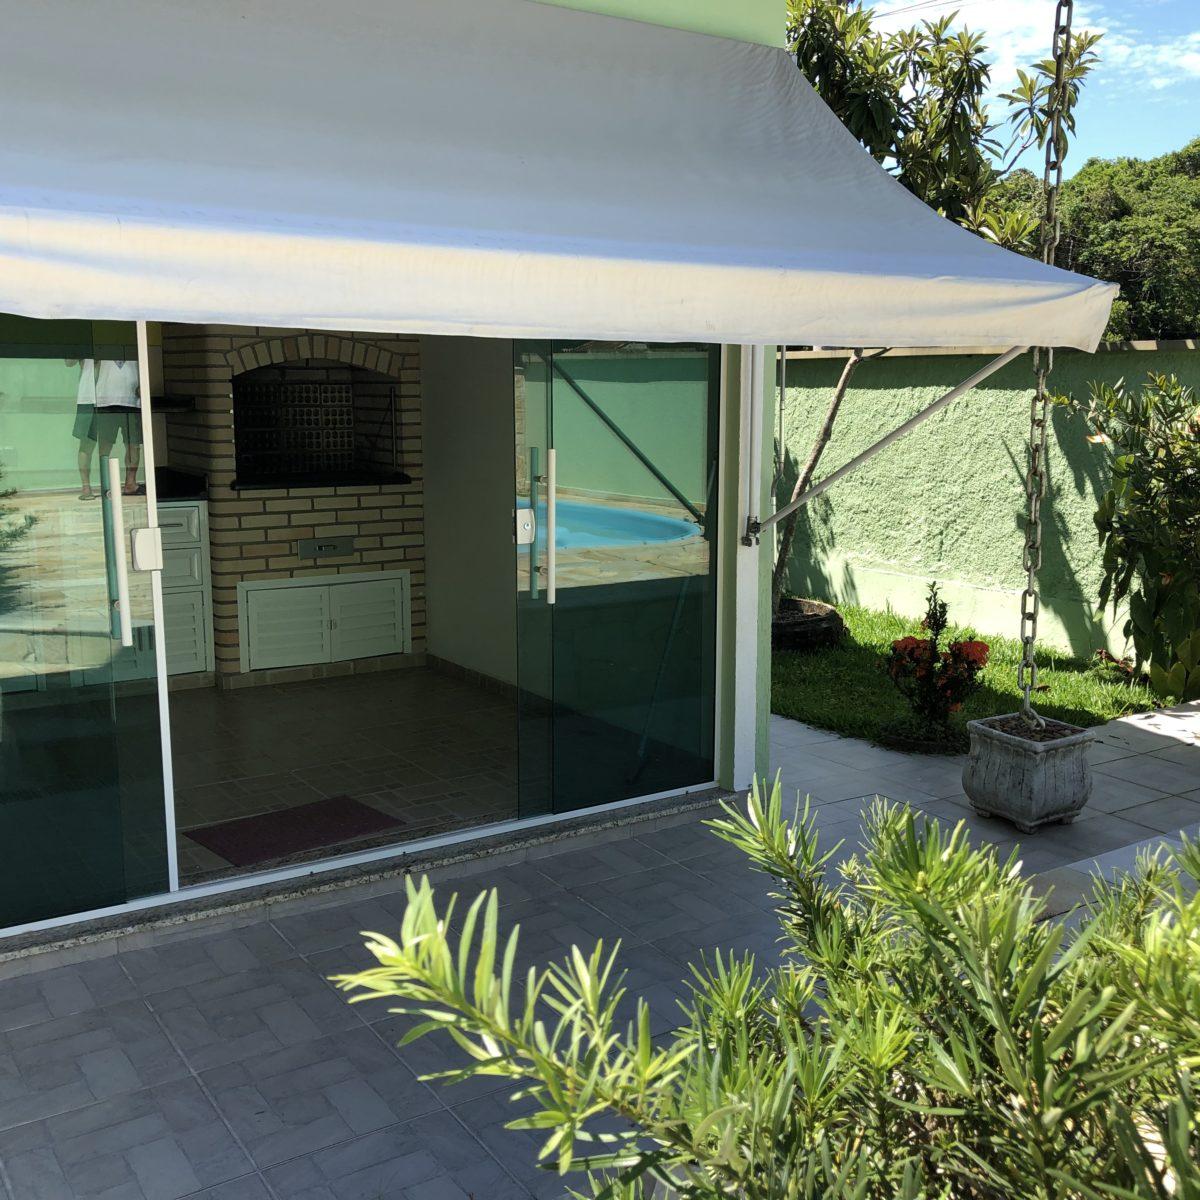 Ref.: R$470.000,00 3Dorm com piscina (80764)